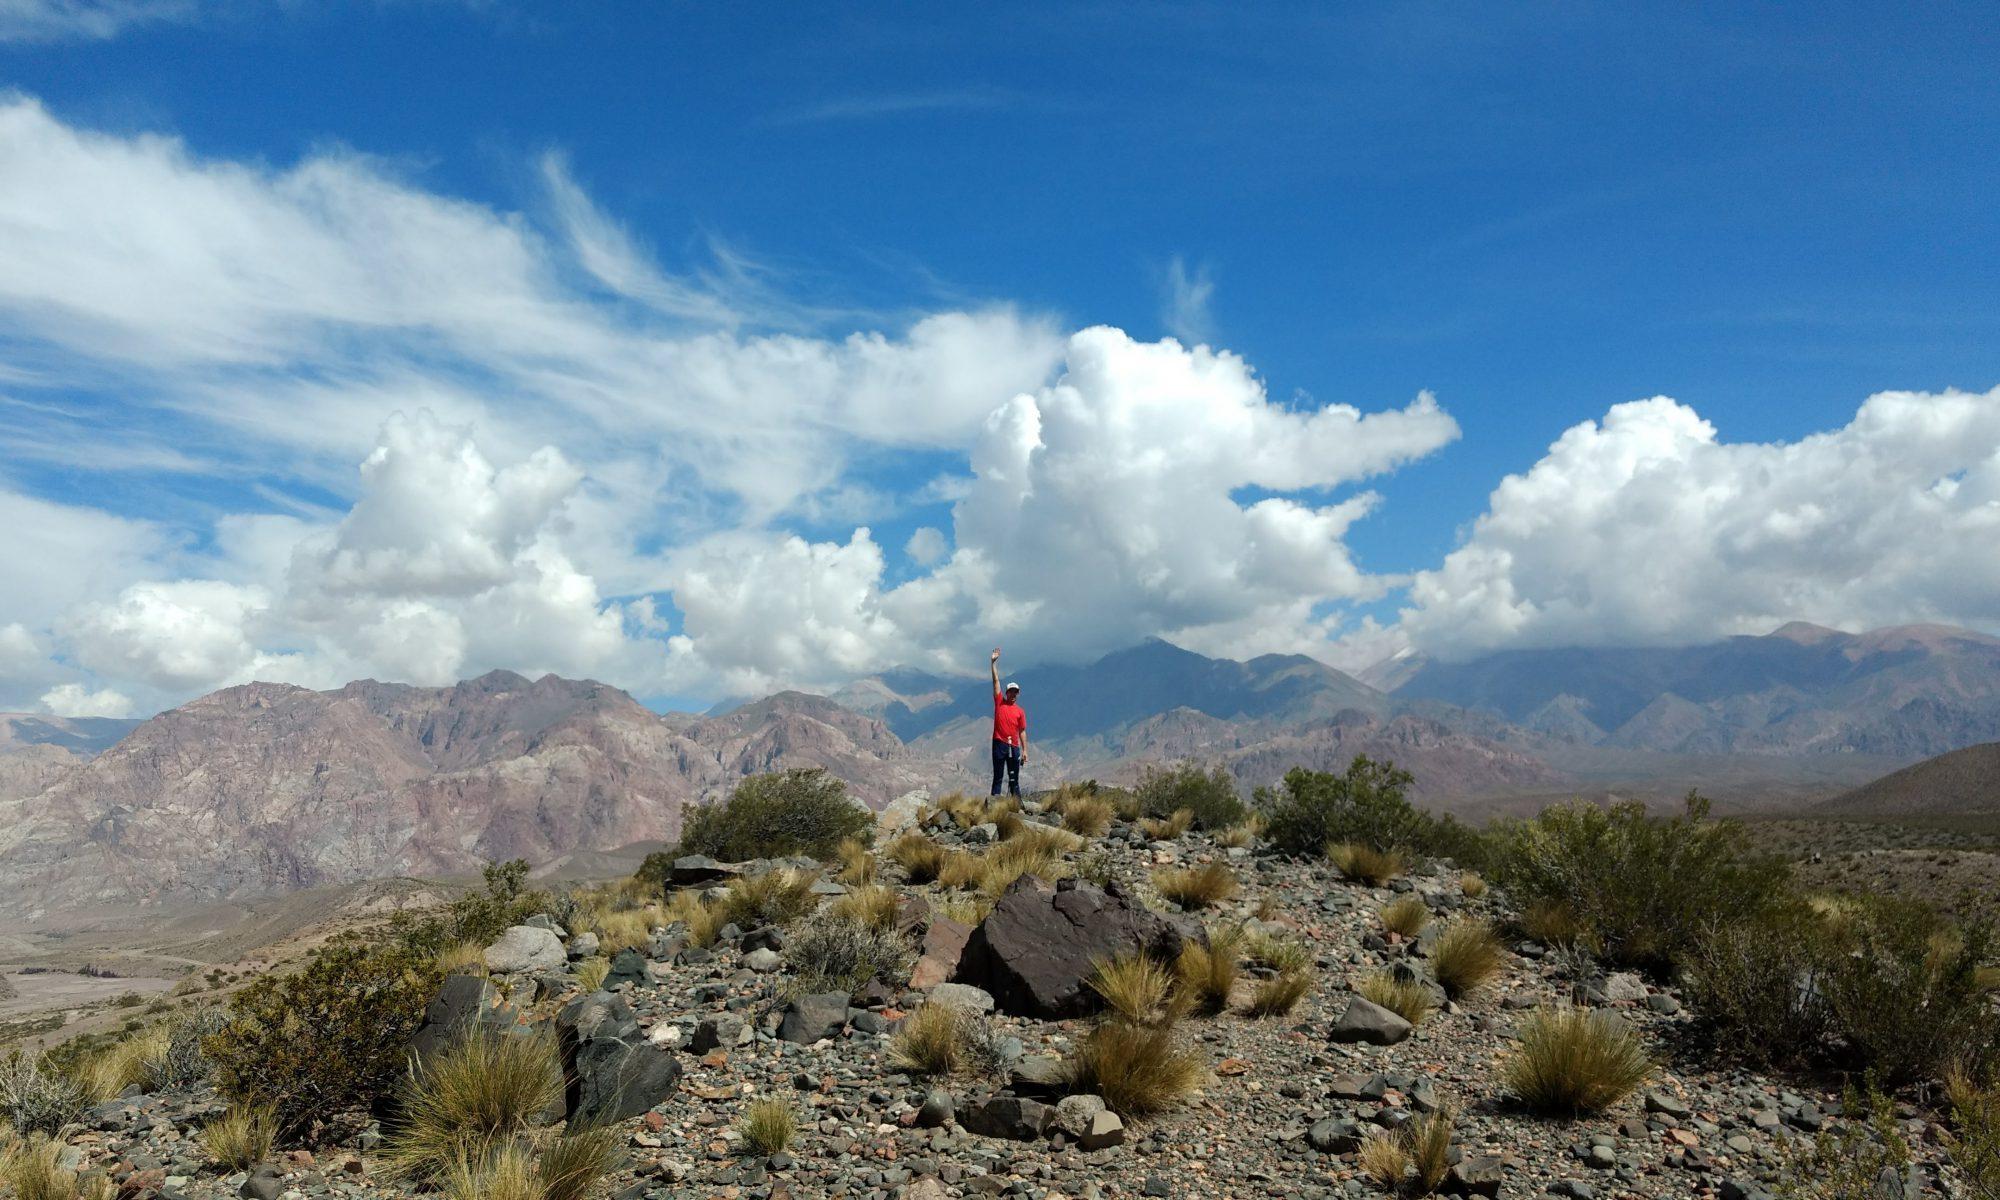 RbnPou / Viajes, lugares y experiencias